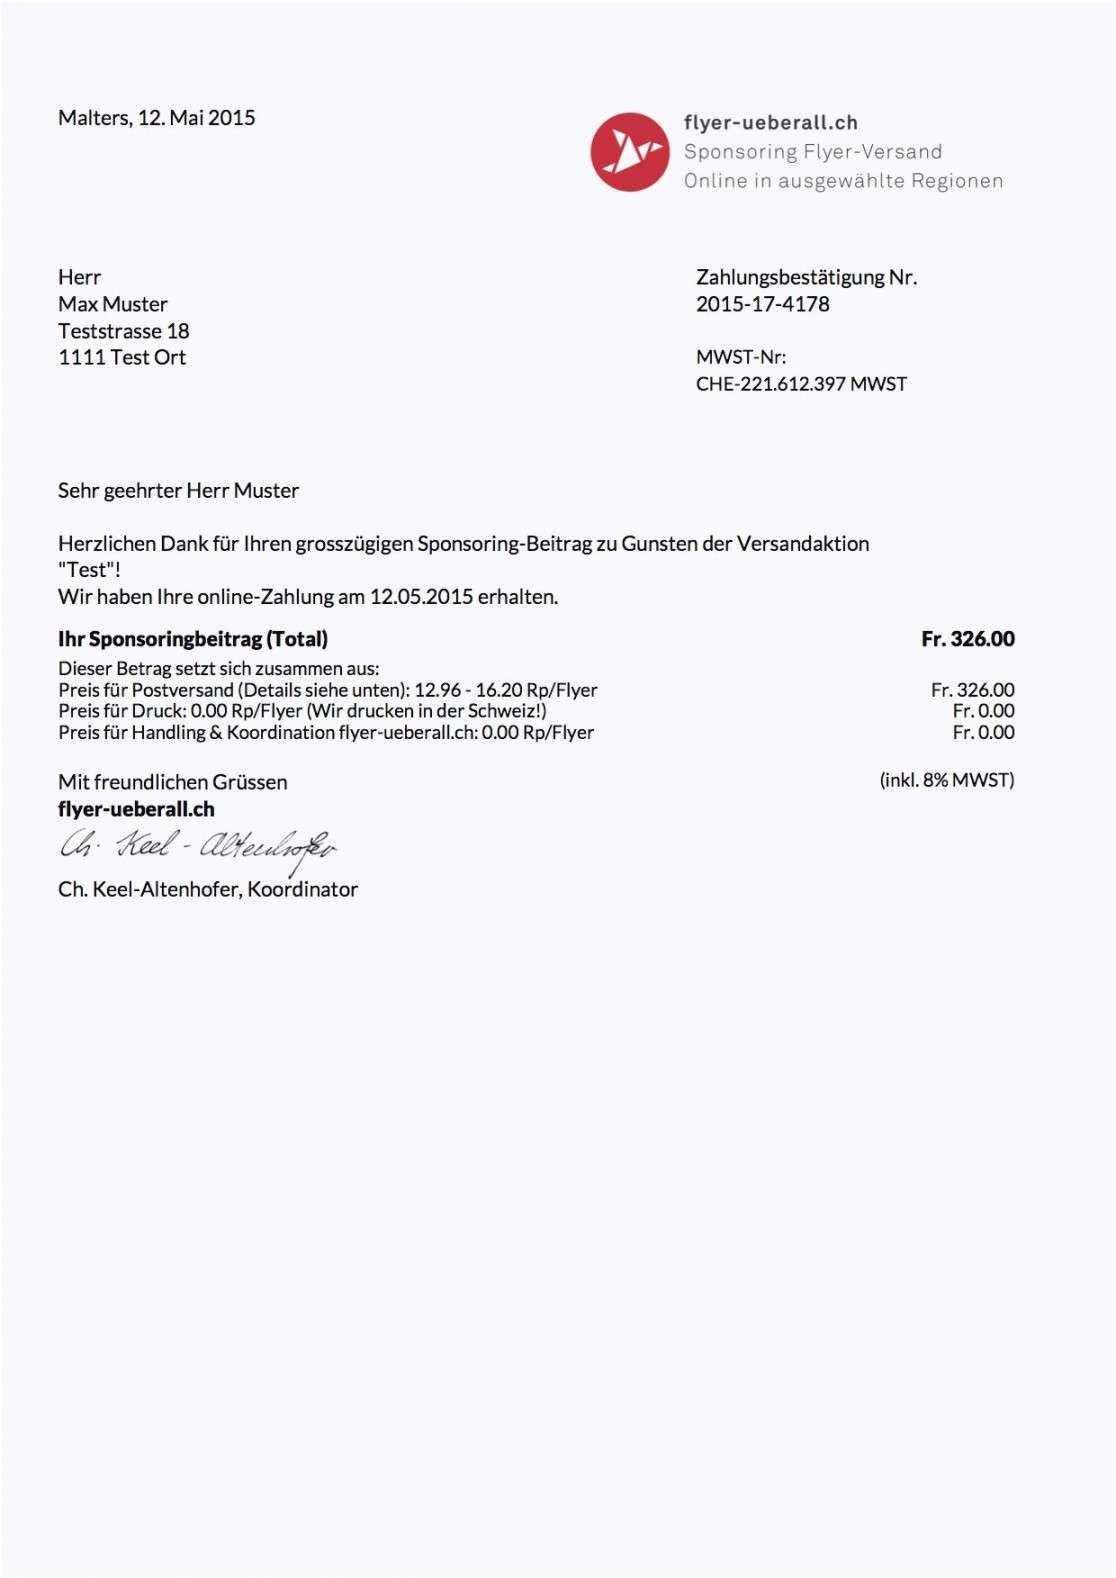 Rustikal Gelangensbestatigung Vorlage Word Vorlagen Lebenslauf